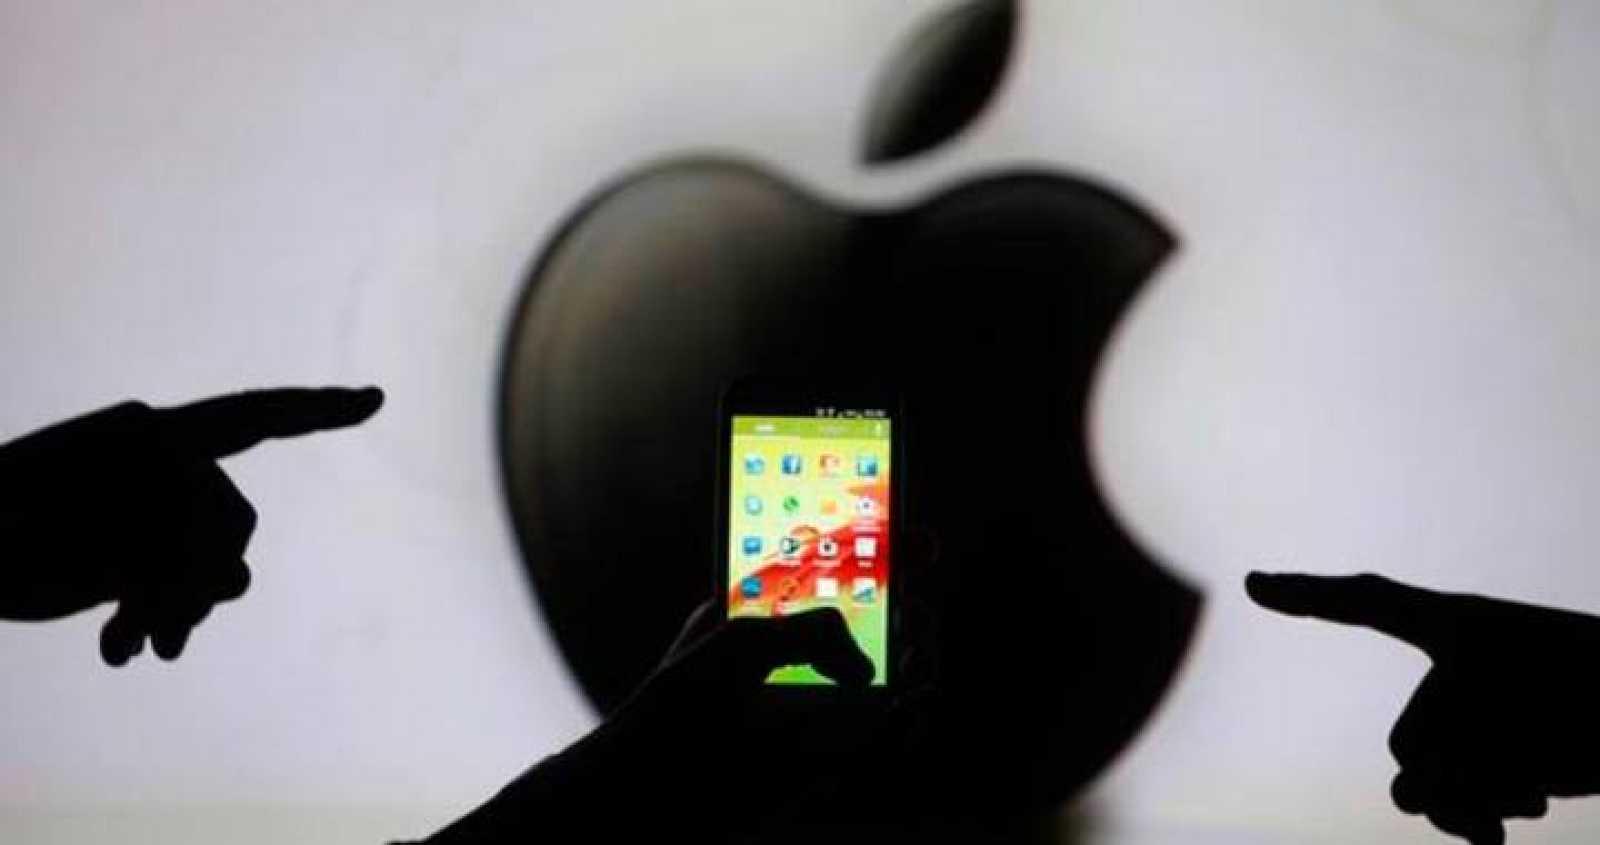 El gigante de telecomunicaciones estadounidense Apple, ha registrado una caída en sus beneficios por primera vez en 11 años